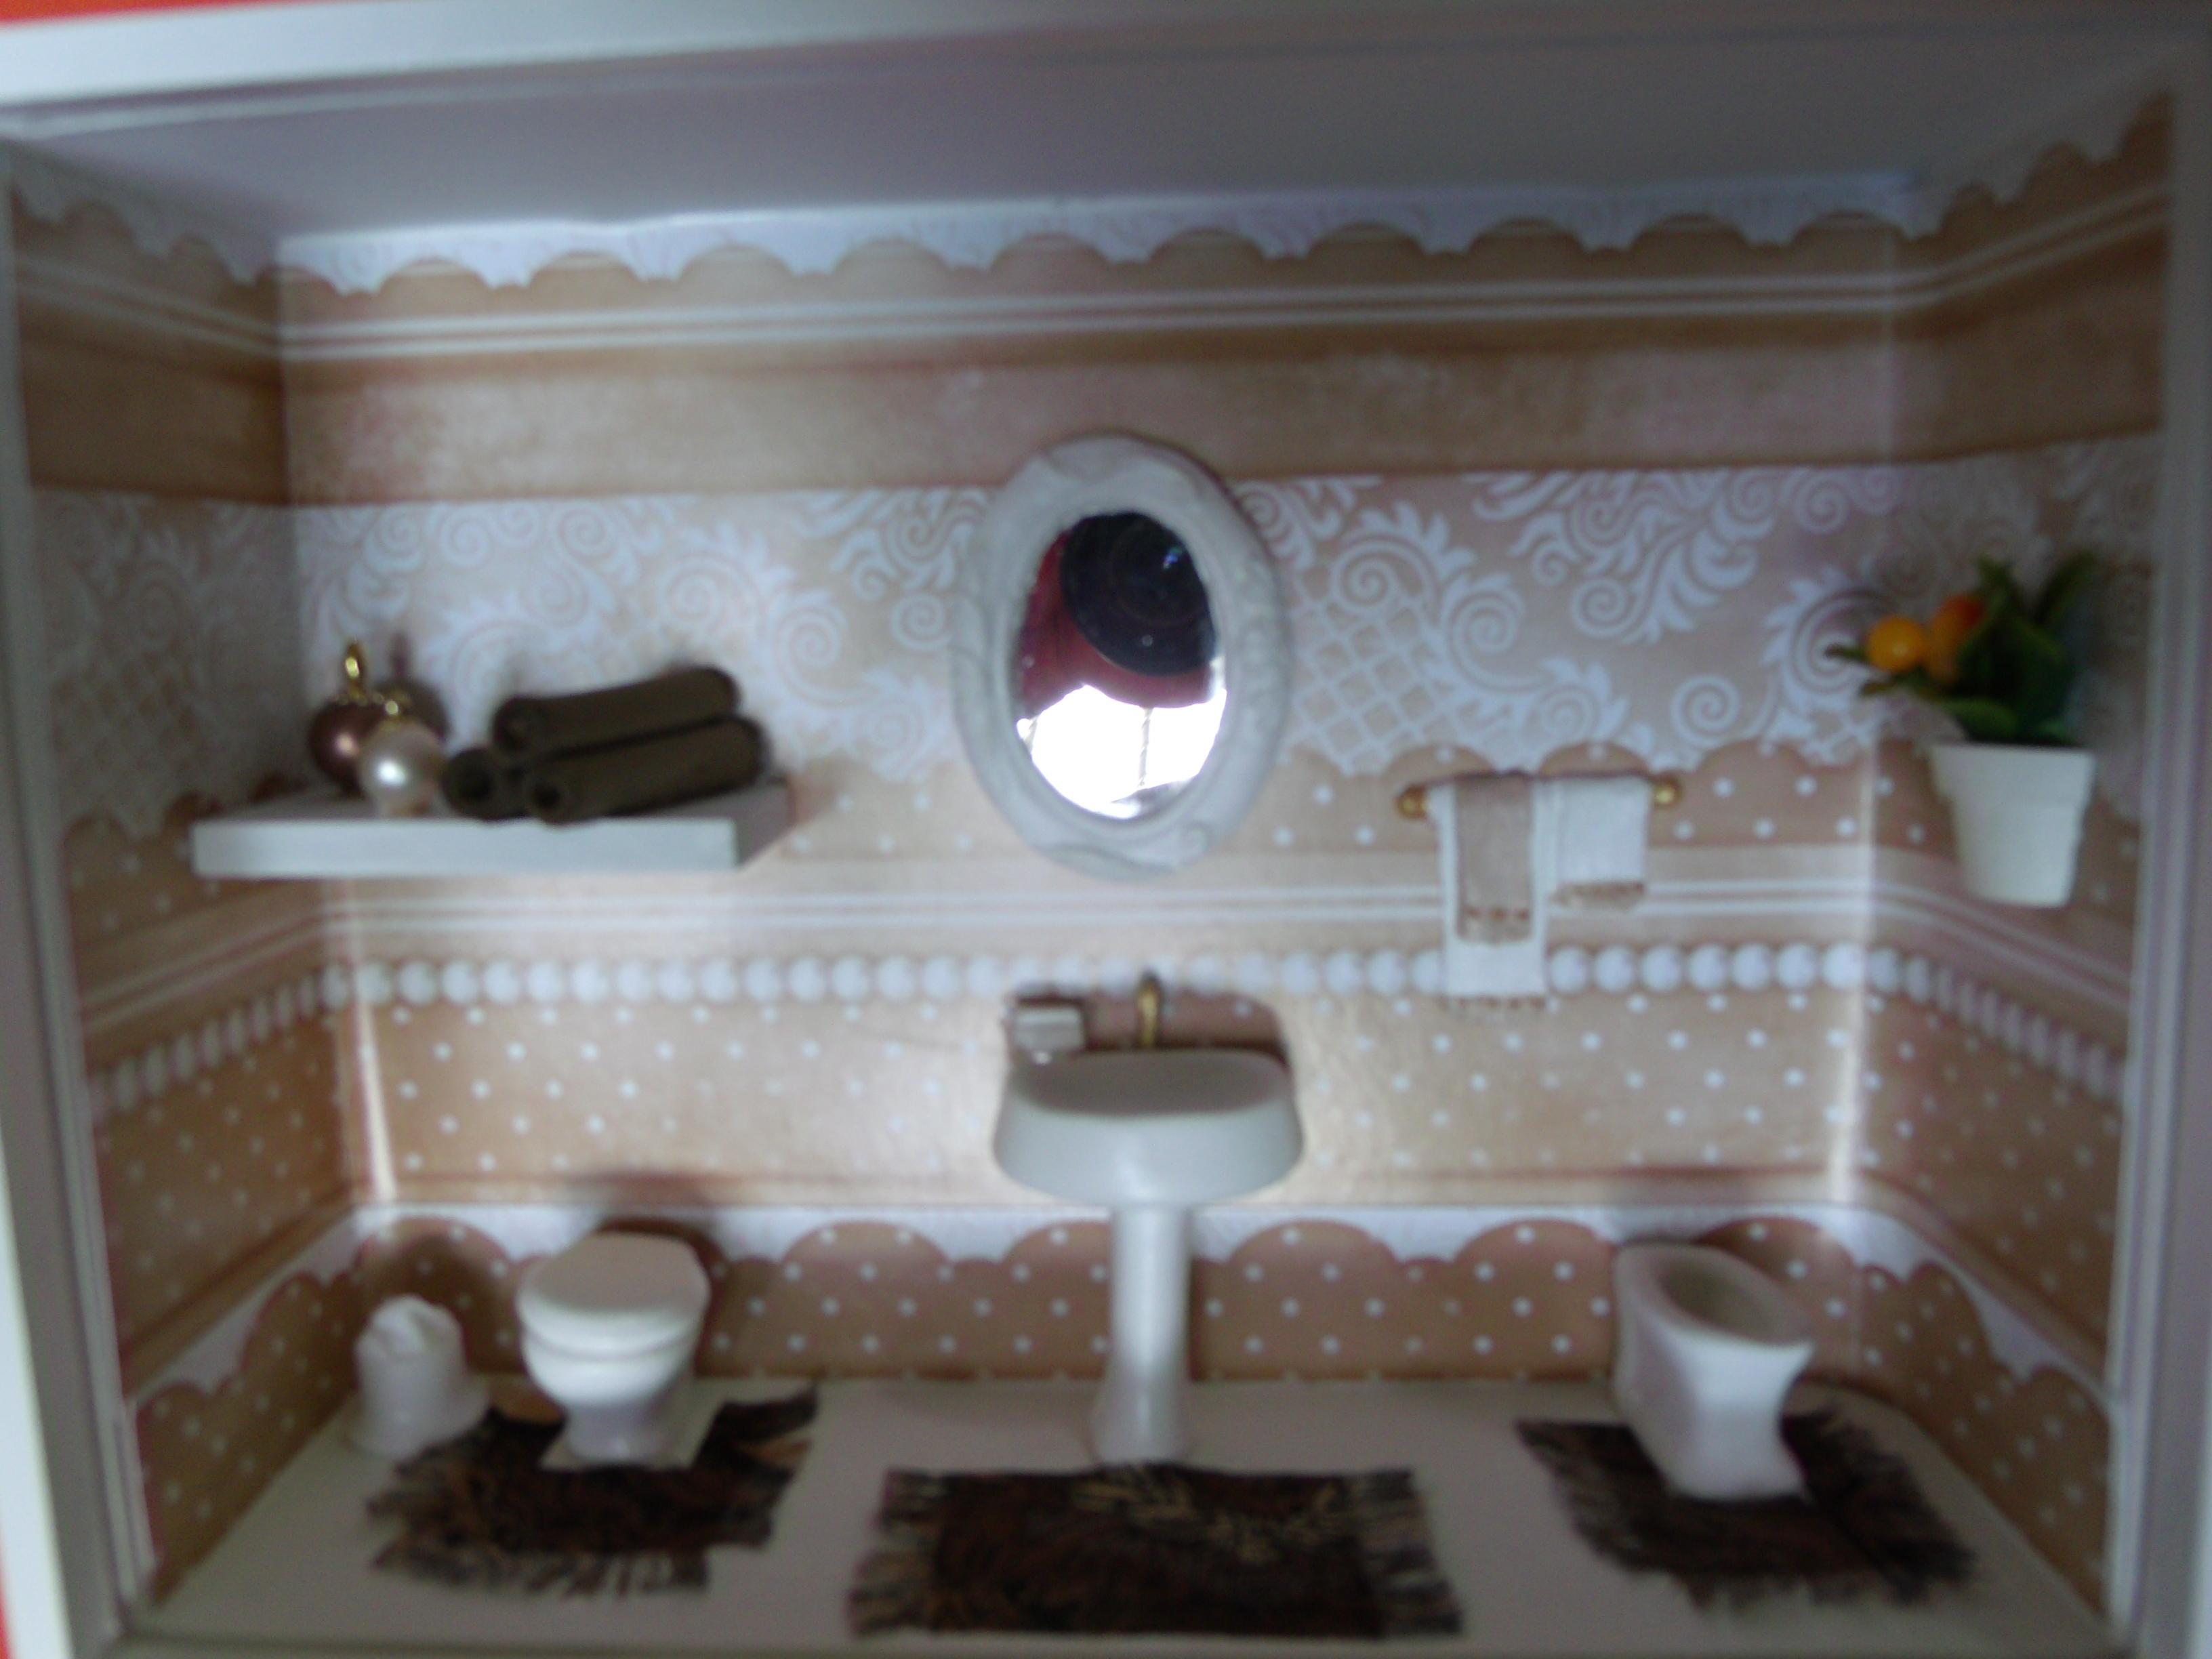 Nicho de banheiro nº 5  Dyara Decorações  Elo7 -> Nichos Para Banheiro Artesanal